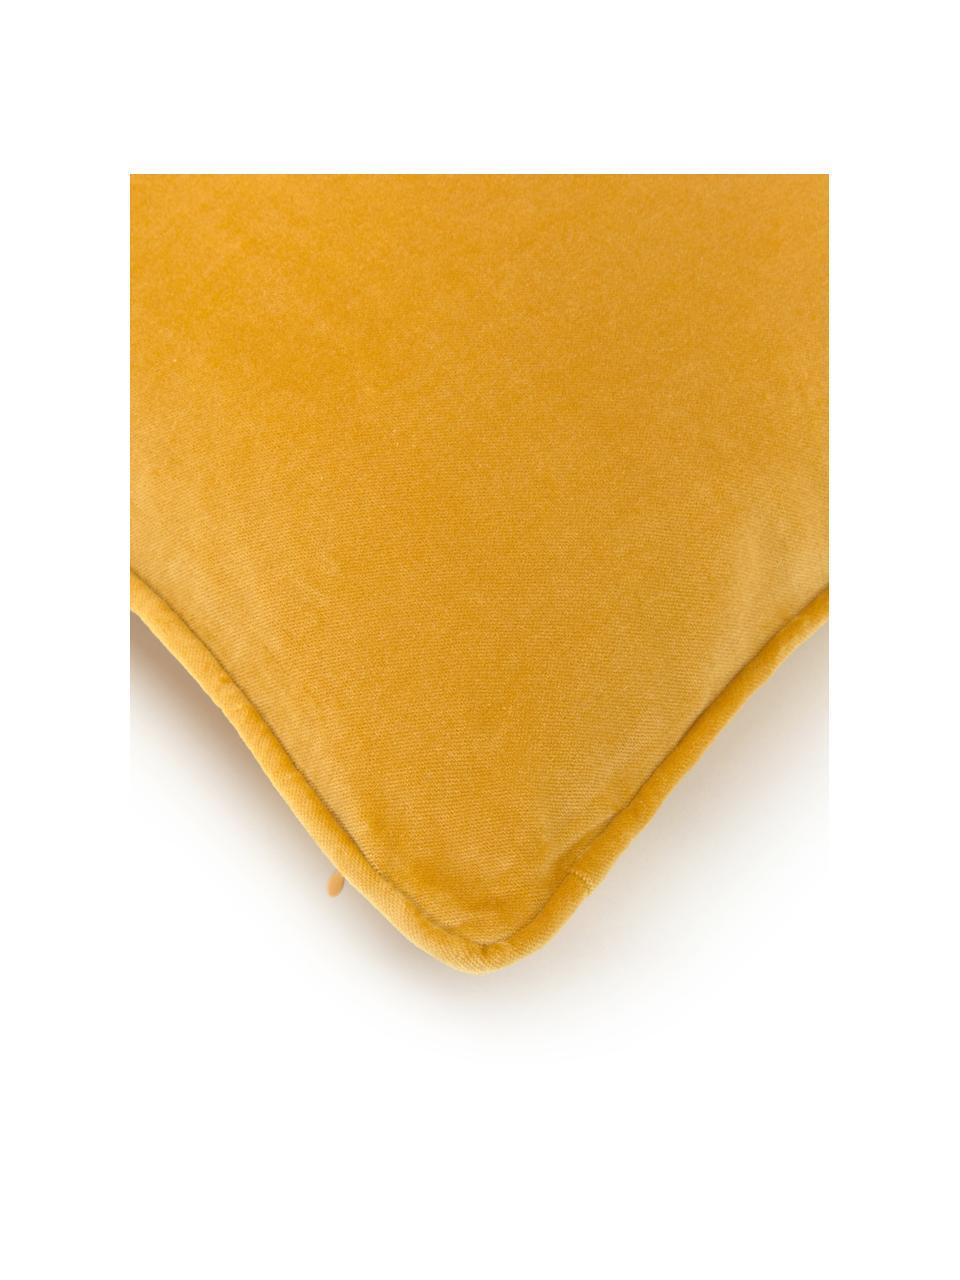 Federa arredo in velluto in giallo ocra Dana, 100% velluto di cotone, Ocra, Larg. 30 x Lung. 50 cm